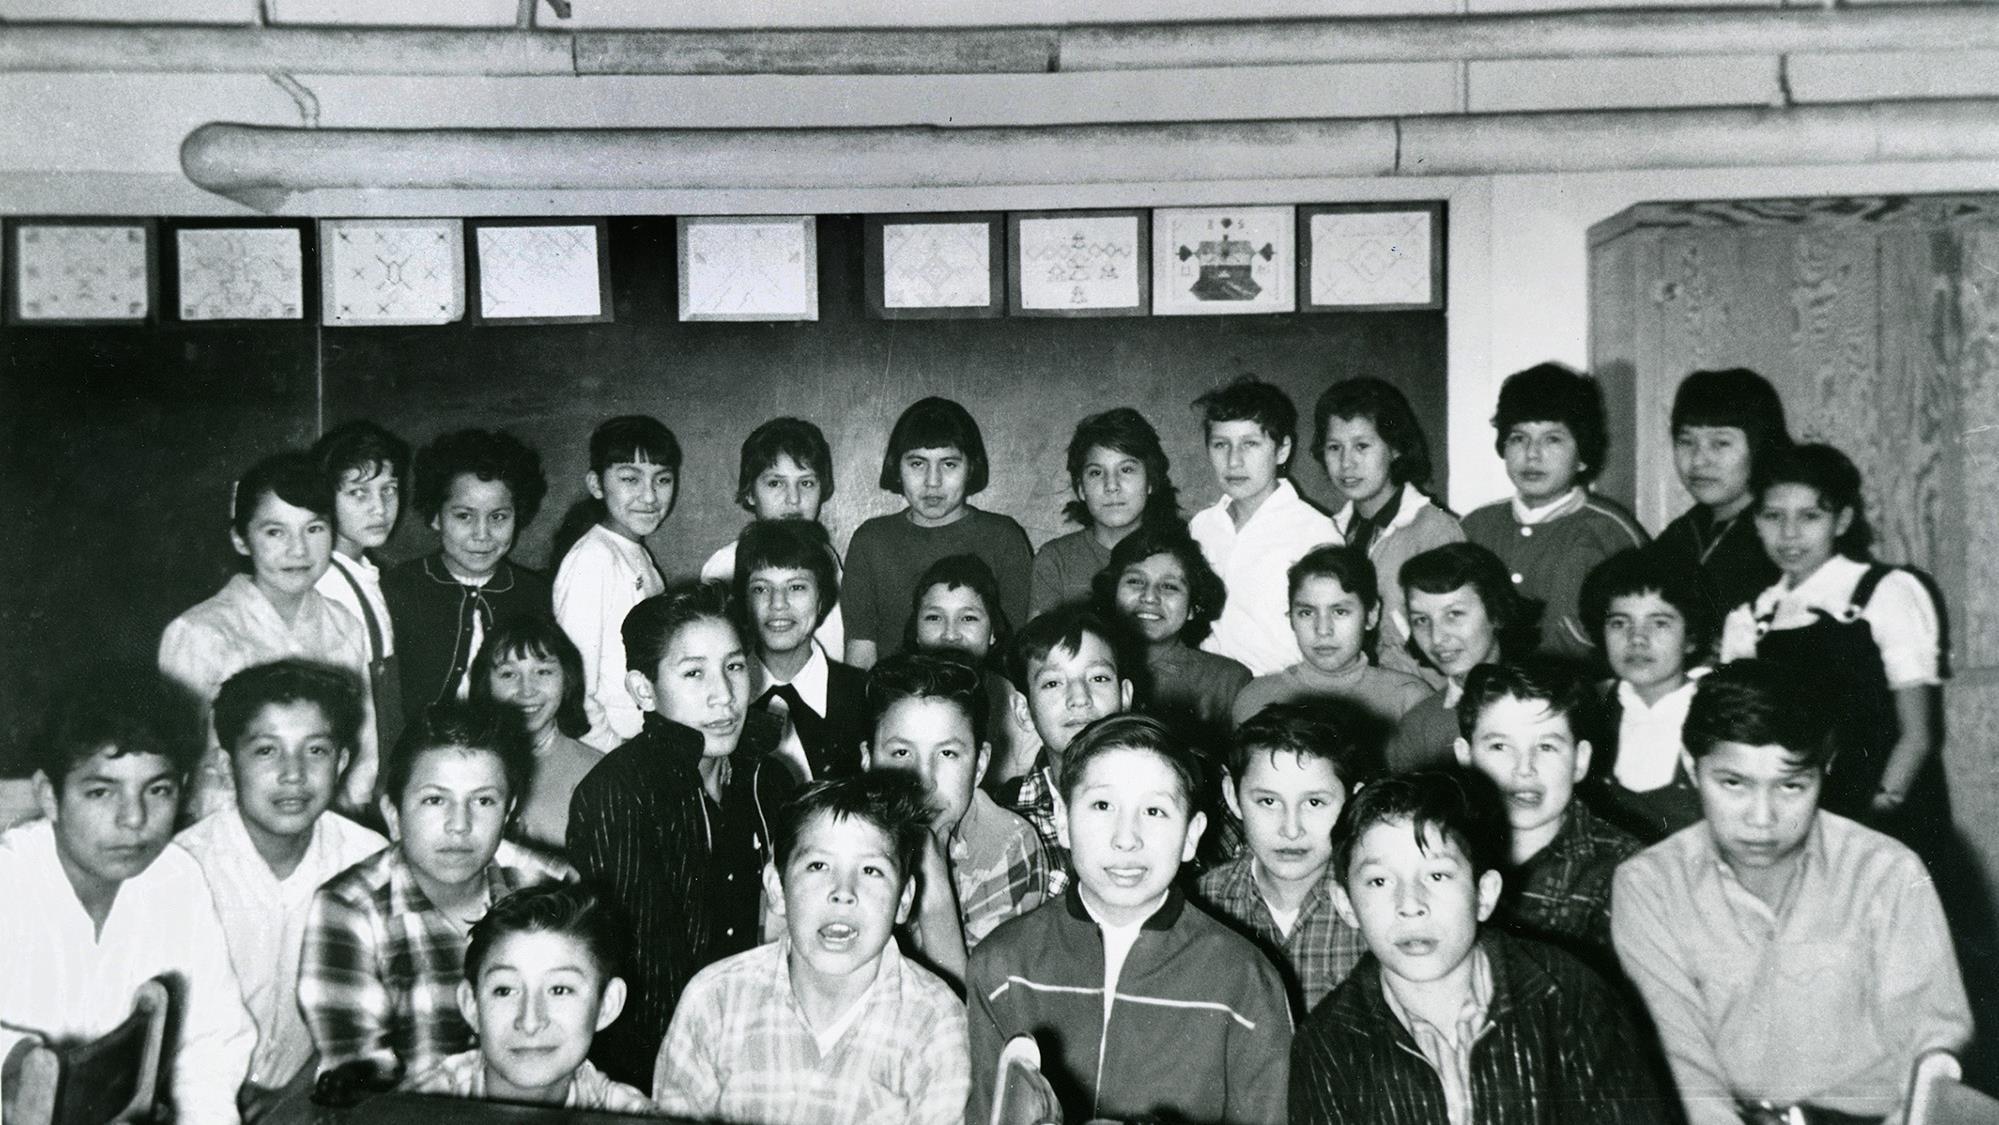 Des élèves, garçons et filles, posent pour la photo dans une classe. Ils sont debout, derrière une rangée de pupitres, et des dessins (motifs autochtones?) sont accrochés au mur derrière le groupe.